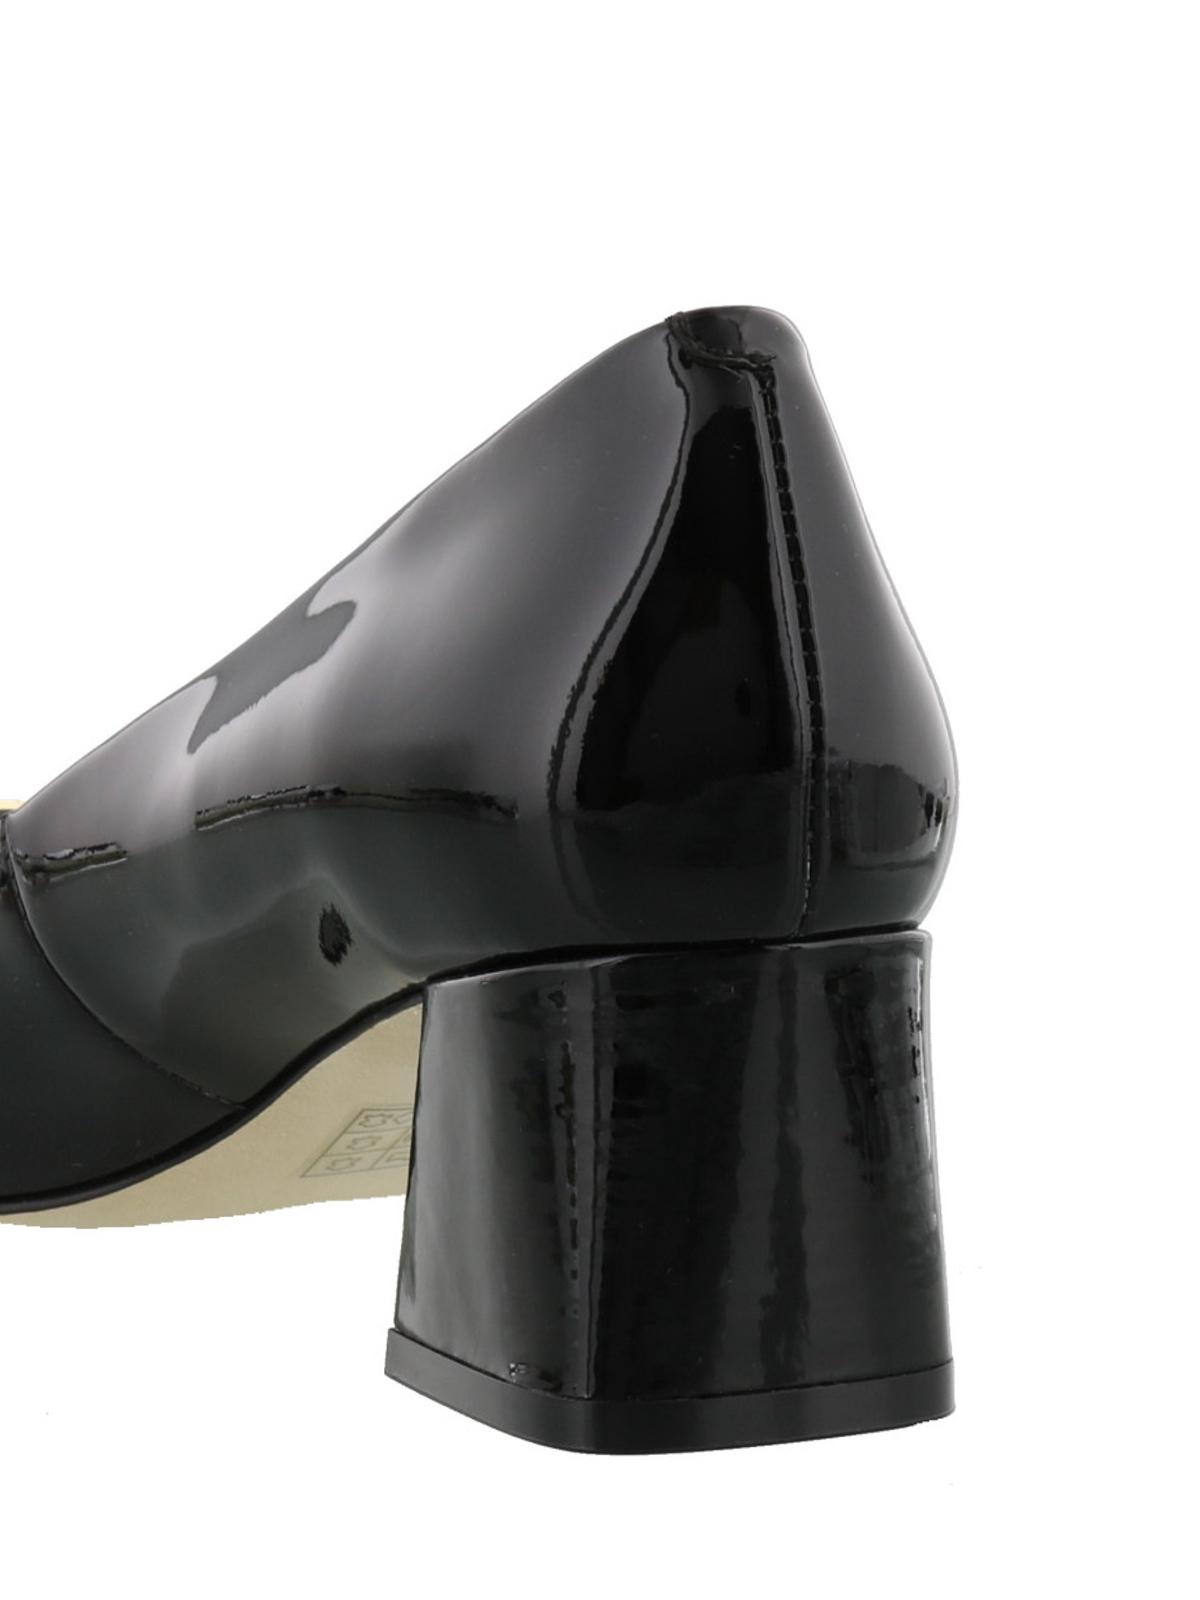 7e5d4b3b399 Tory Burch - Gigi black patent leather pumps - court shoes - 32944 001